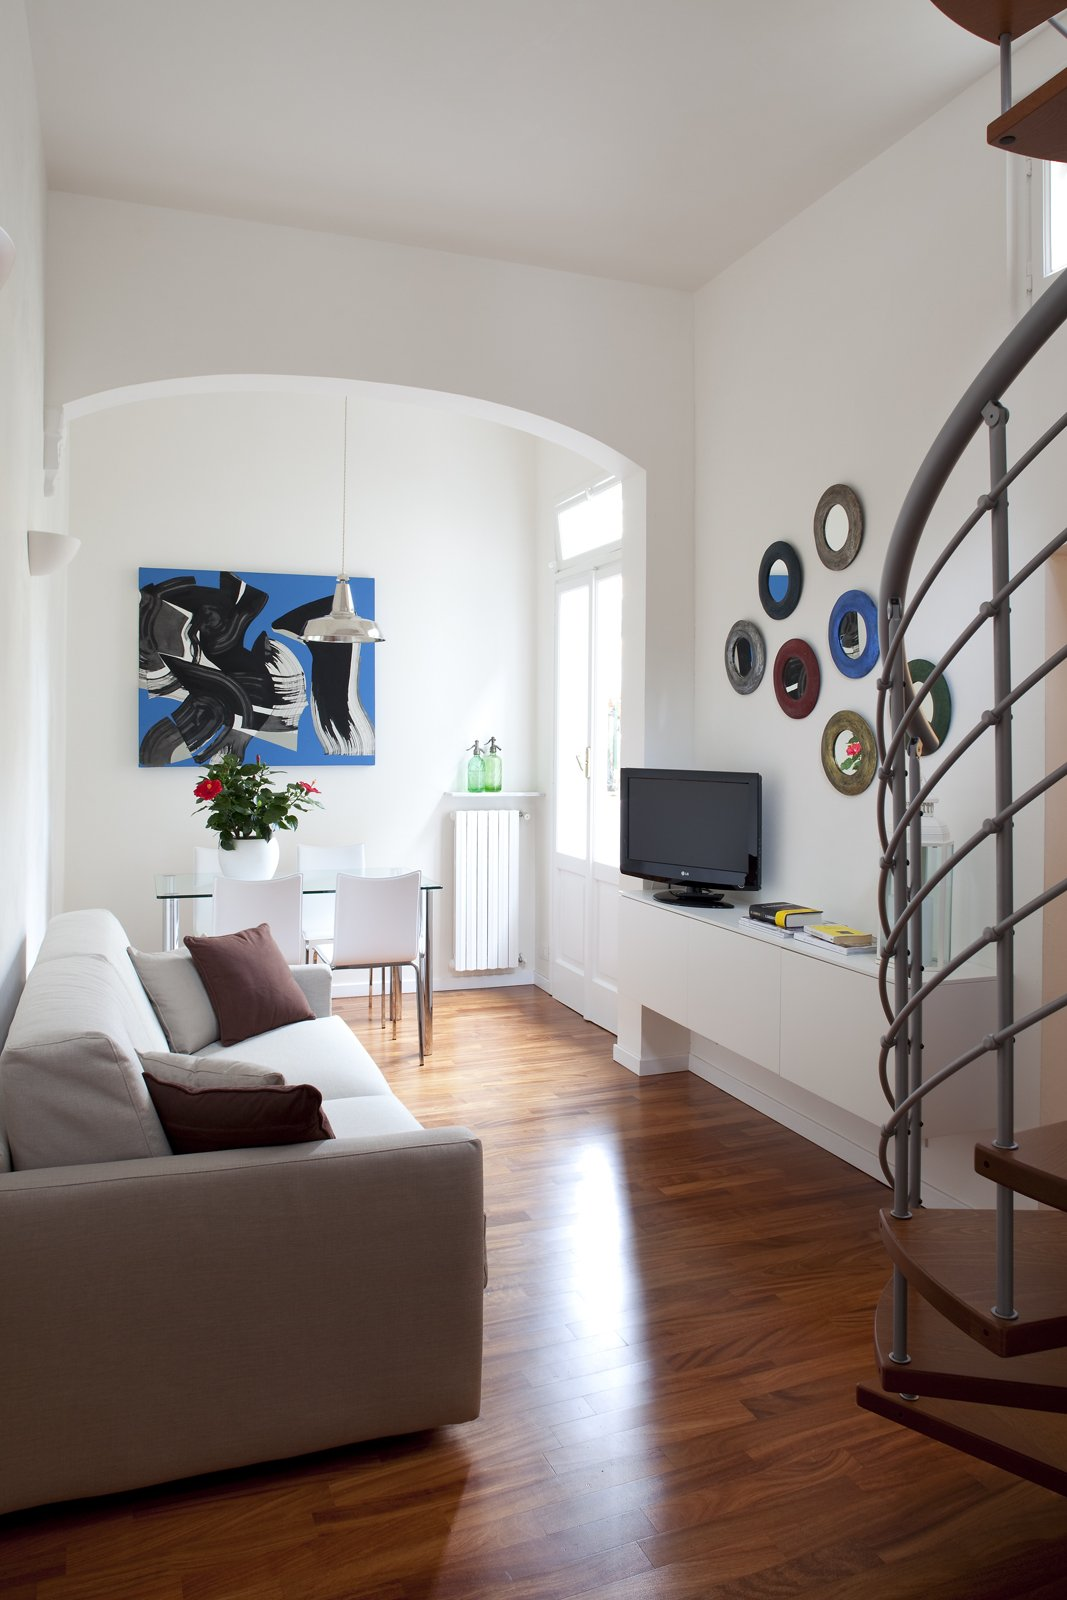 48 mq bilocale su due livelli cose di casa for Piani di casa artigiano di un livello